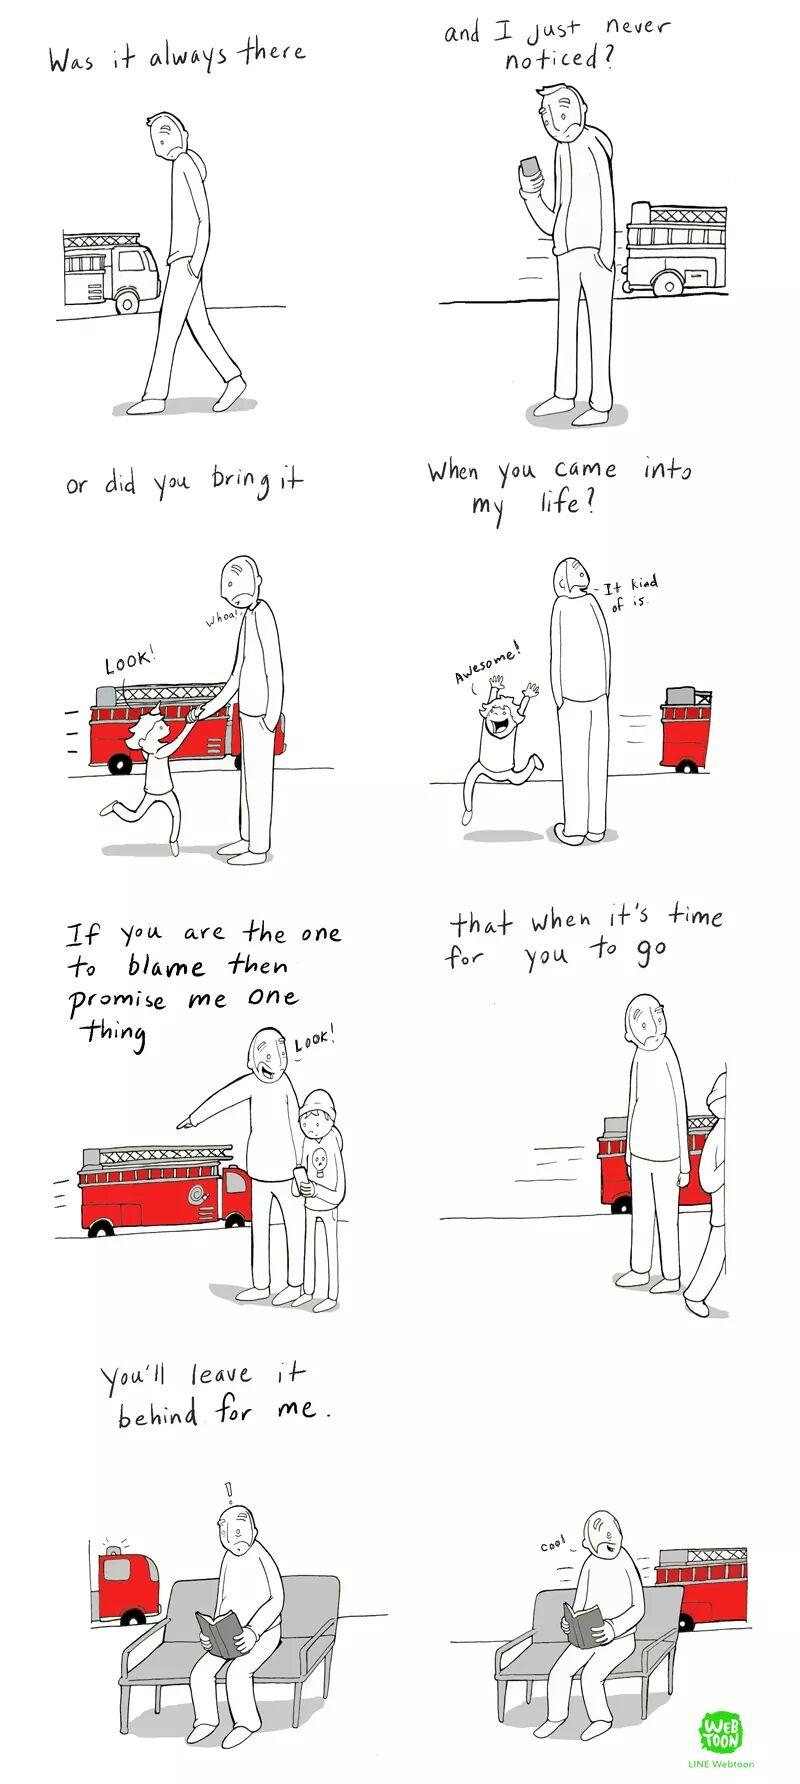 comic about life inspiring